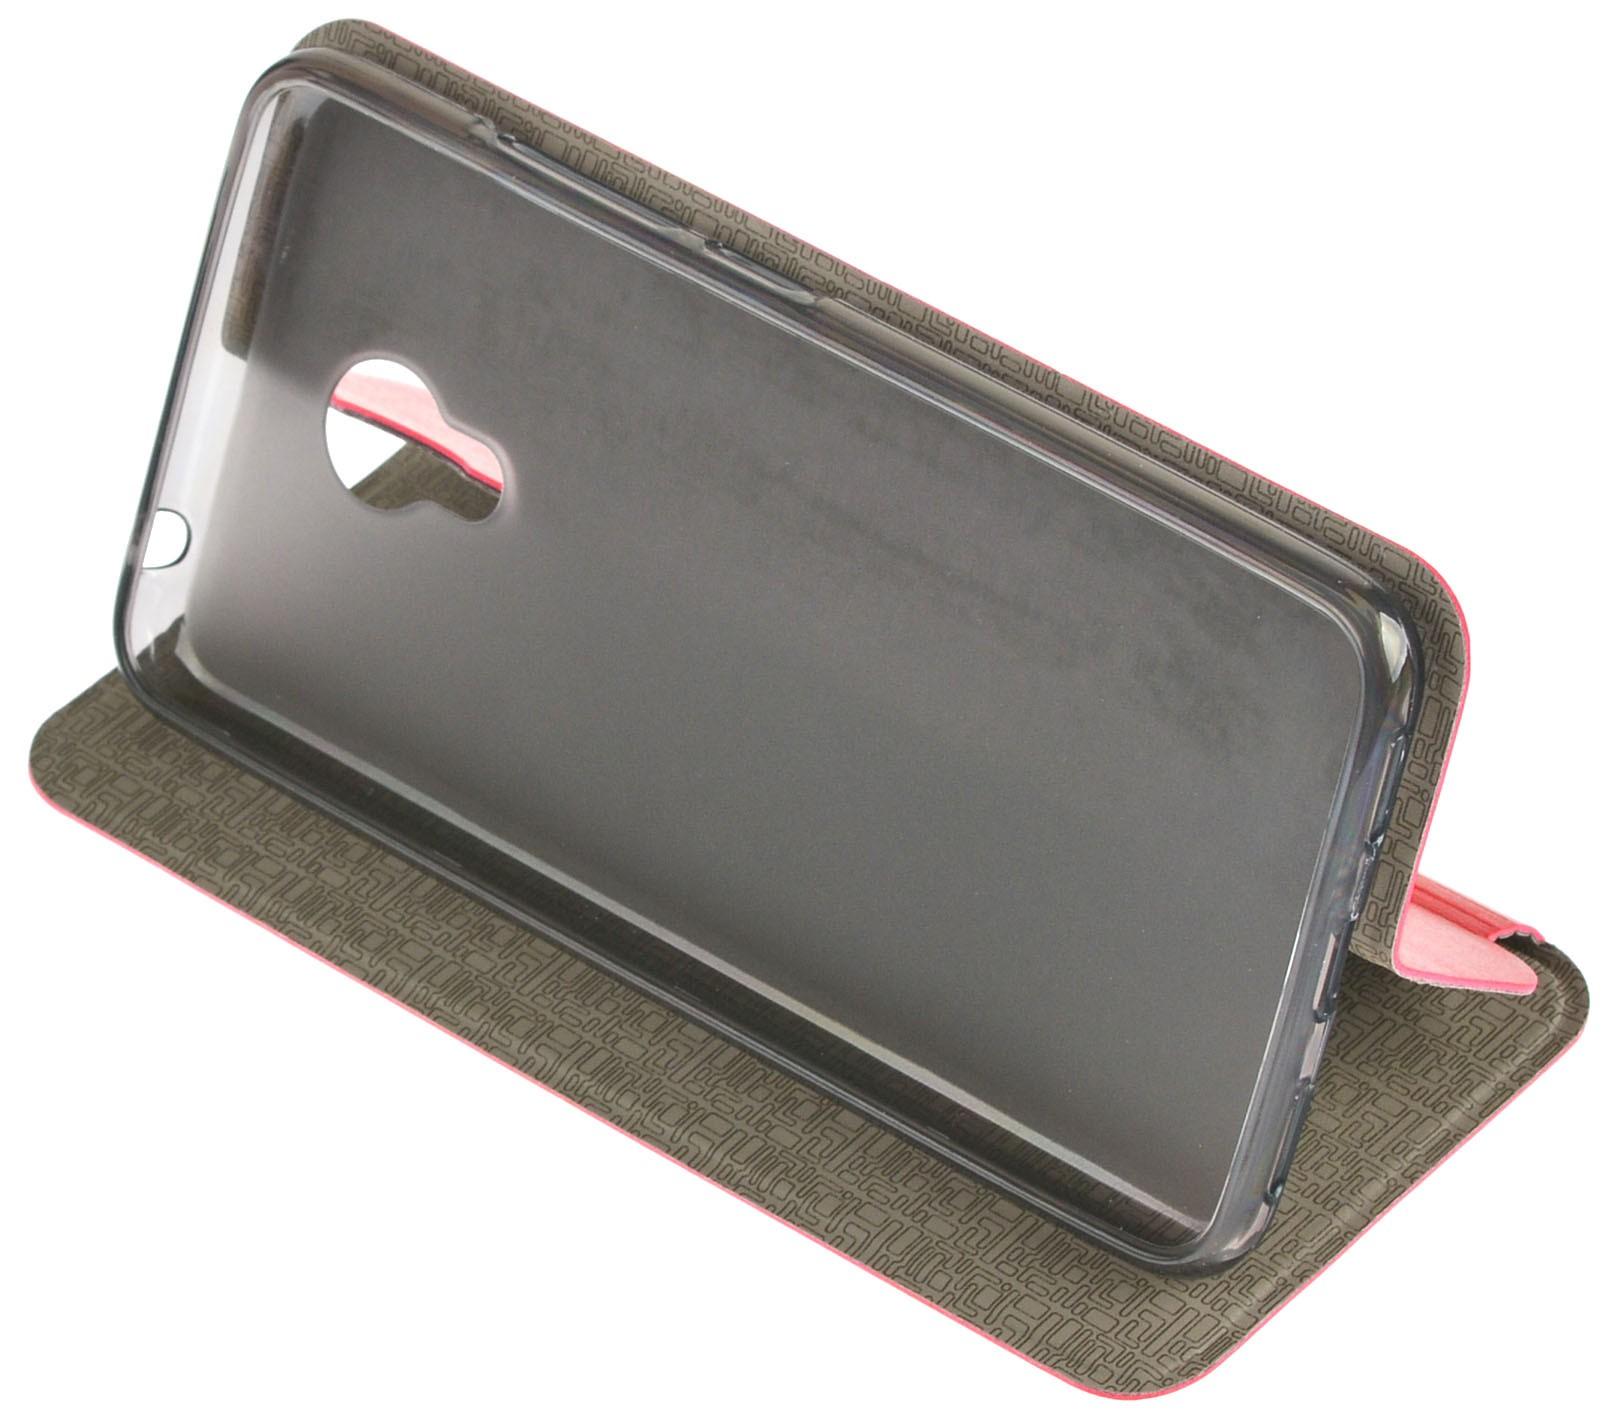 Чехол для сотового телефона skinBOX Lux, 4660041407594, красный